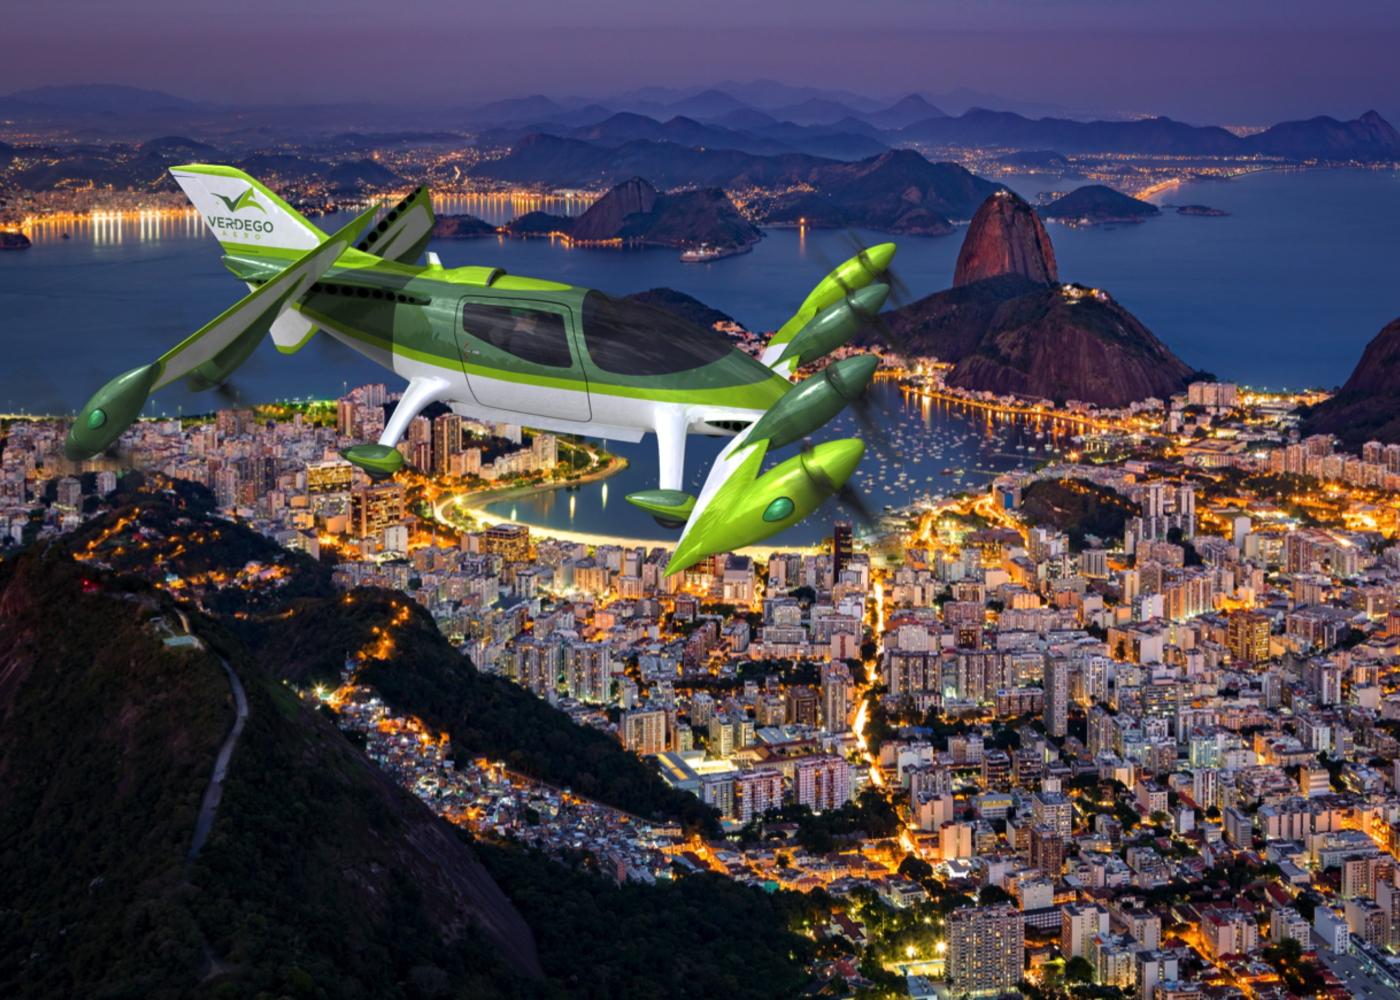 VerdeGo Aero hybrid VTOL aircraft